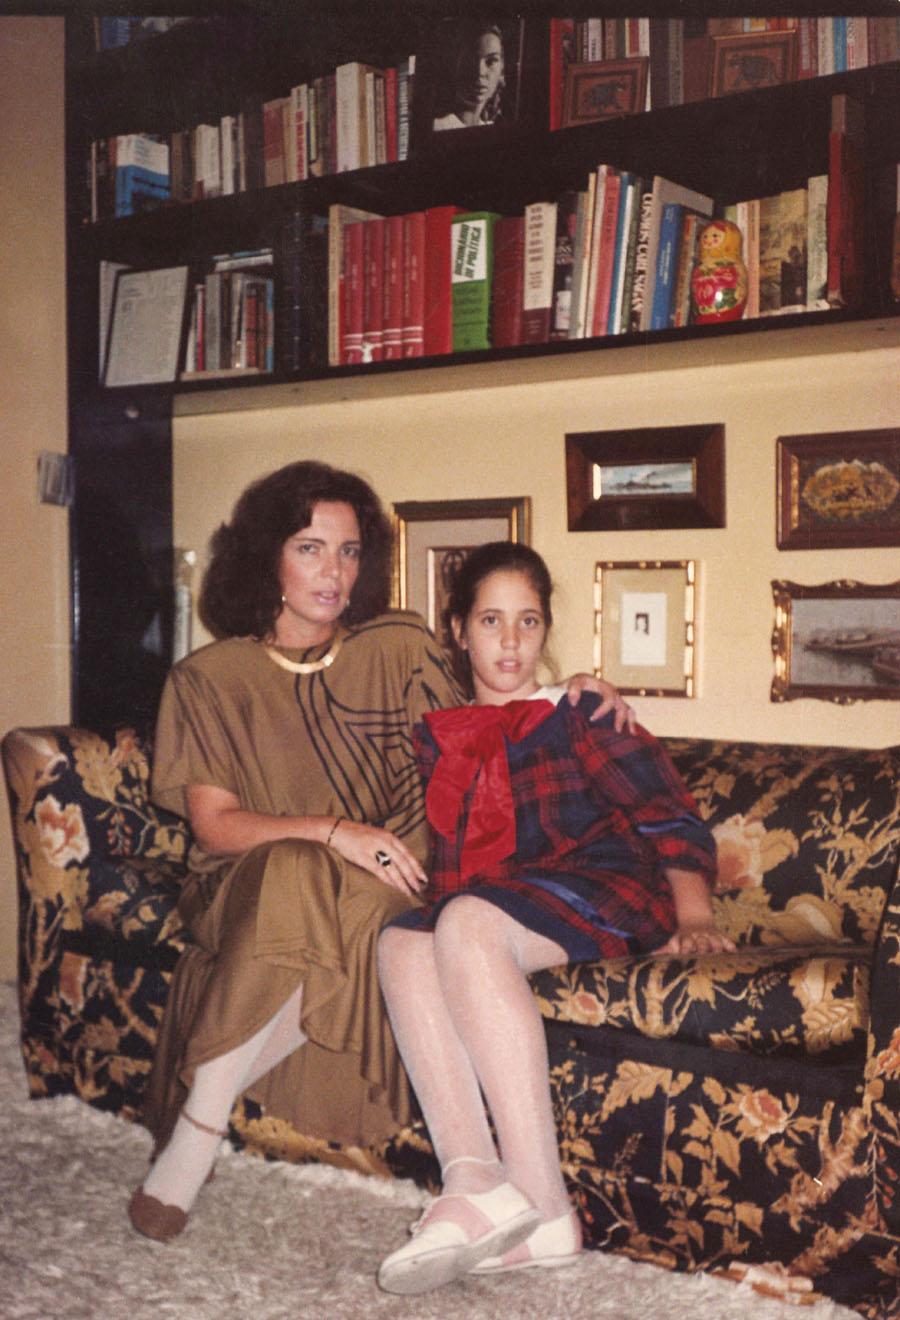 Aos 10 anos, com a mãe e psicanalista, Junia, em uma das bibliotecas da casa